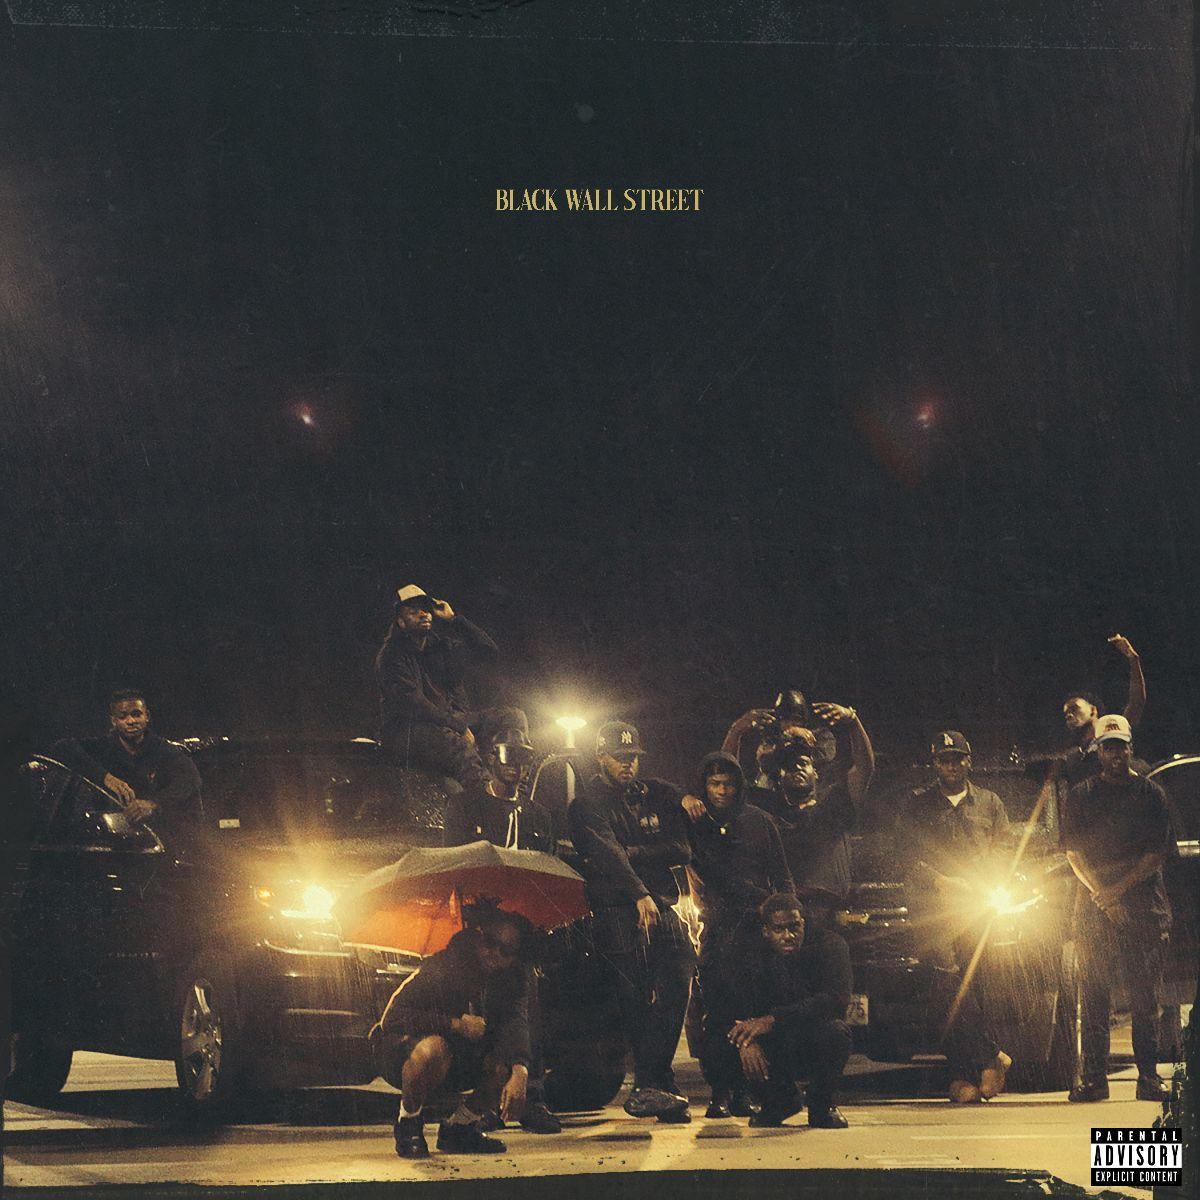 VAN BUREN RECORDS RELEASE BLACK WALL STREET EP